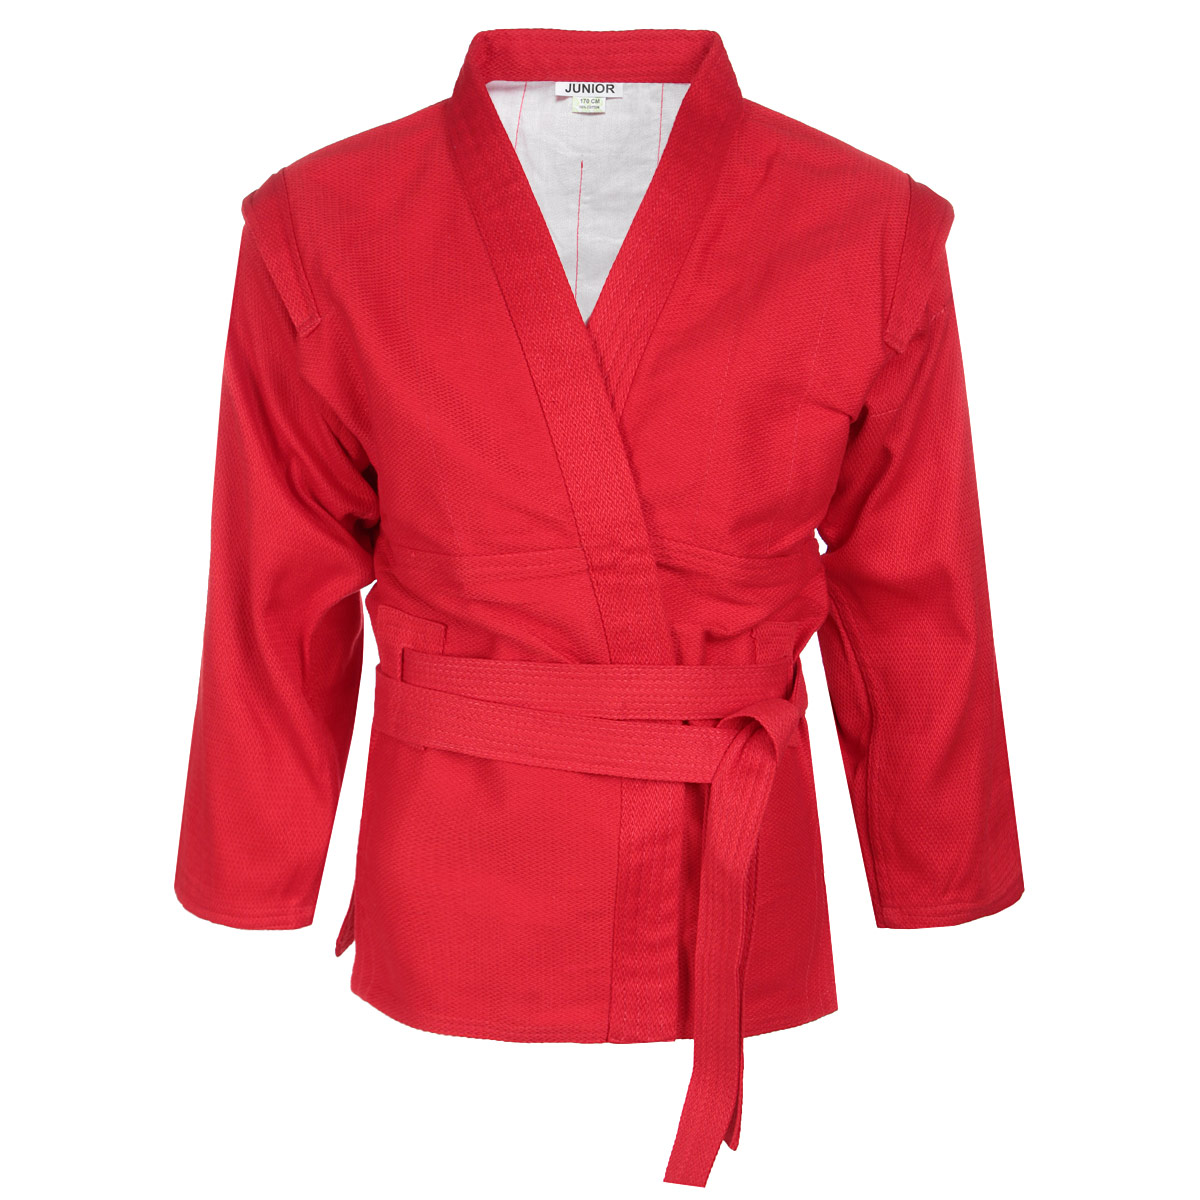 Куртка для самбо детская Green Hill Junior, цвет: красный. SСJ-2201. Размер 00/120 green hill кимоно дзю до junior green hill